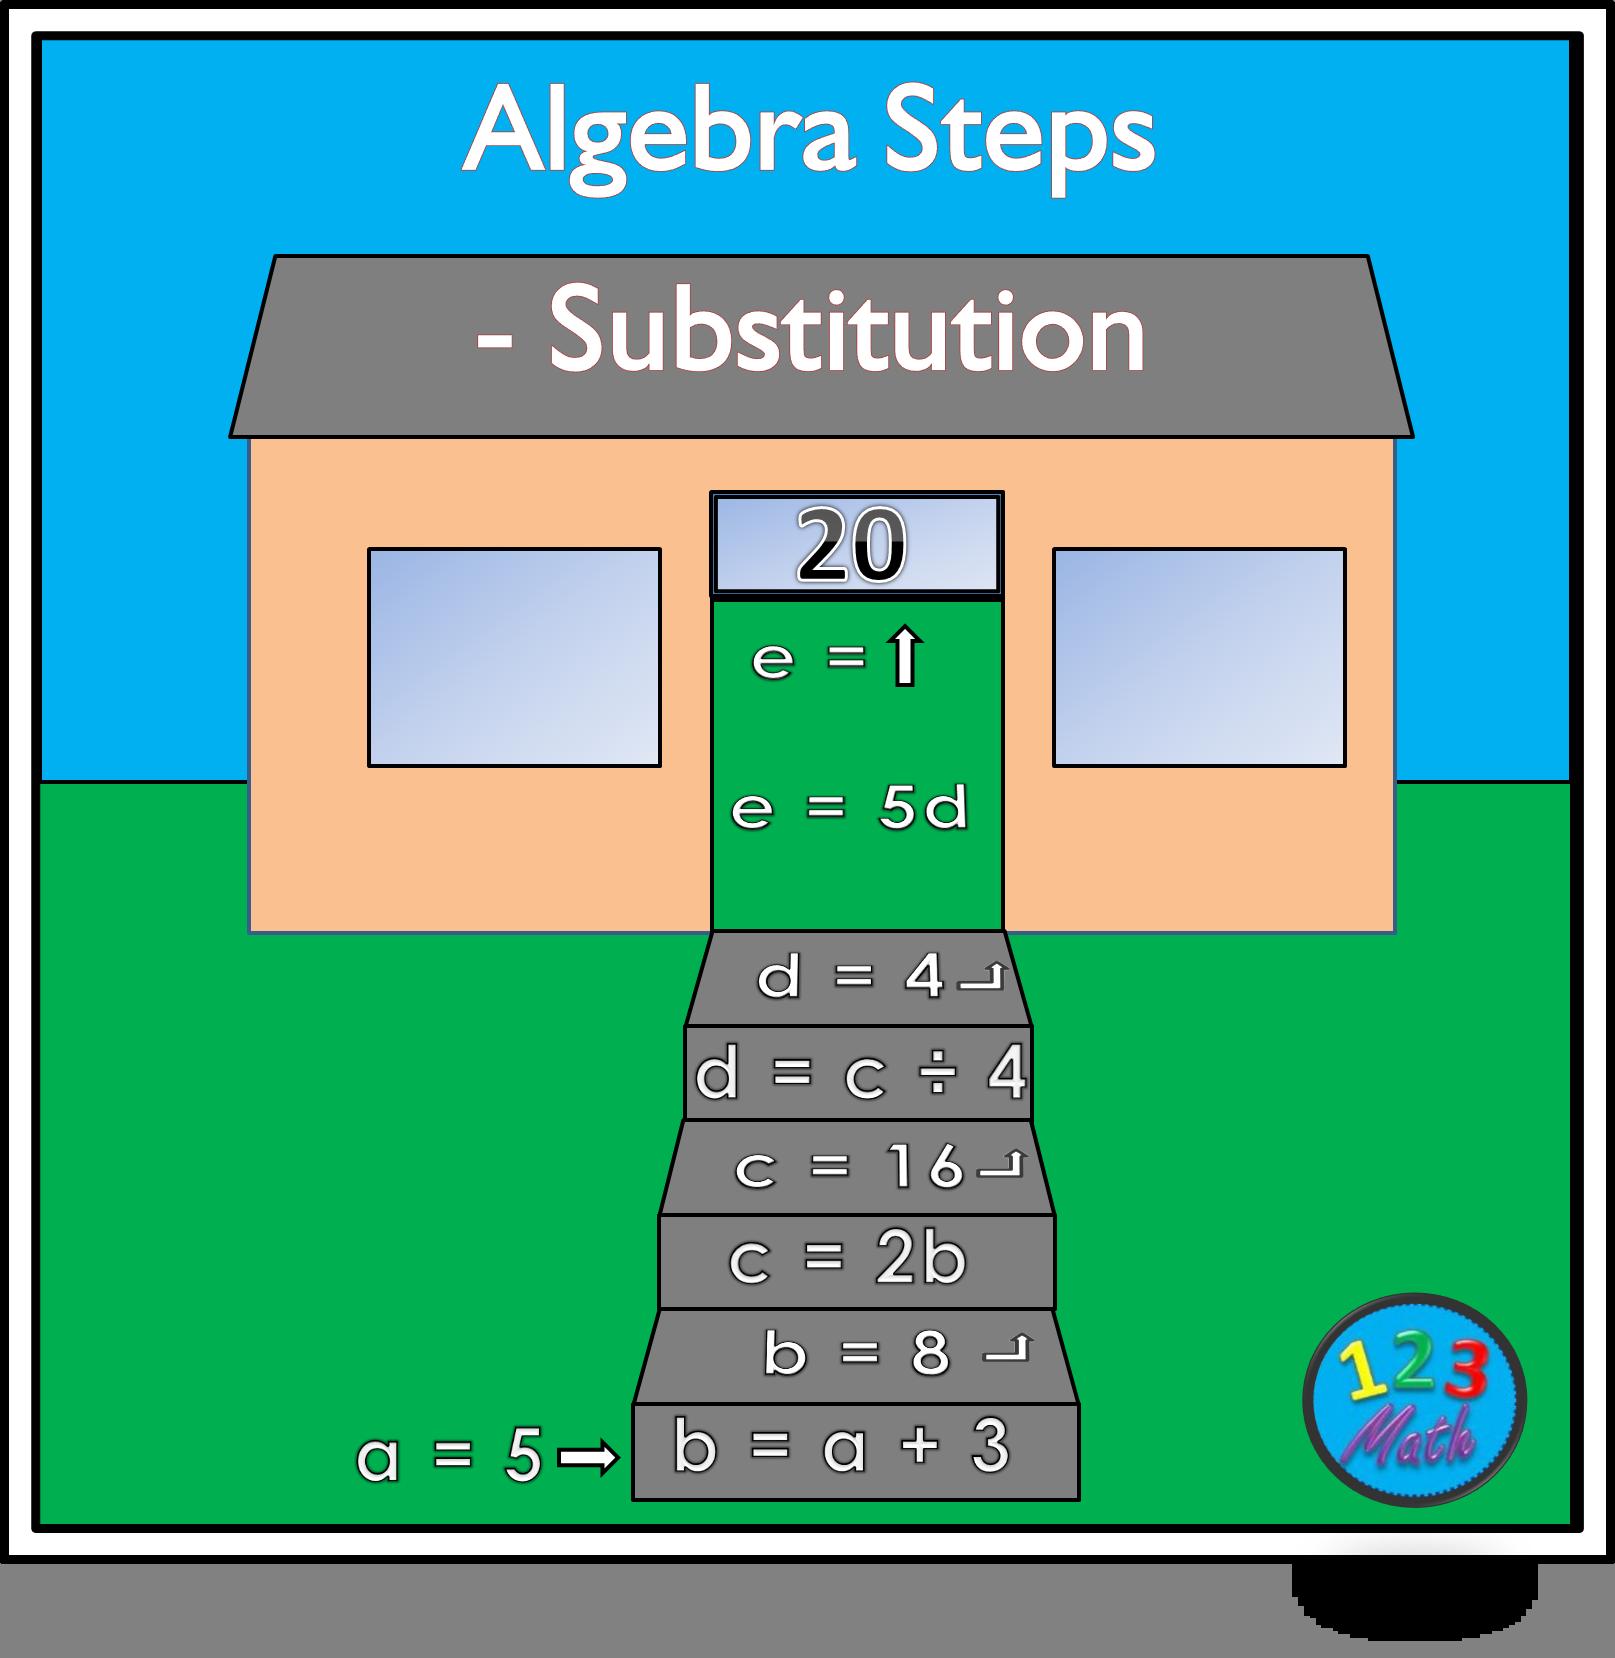 Algebra Steps Substitution in 2020 Algebra, Solve